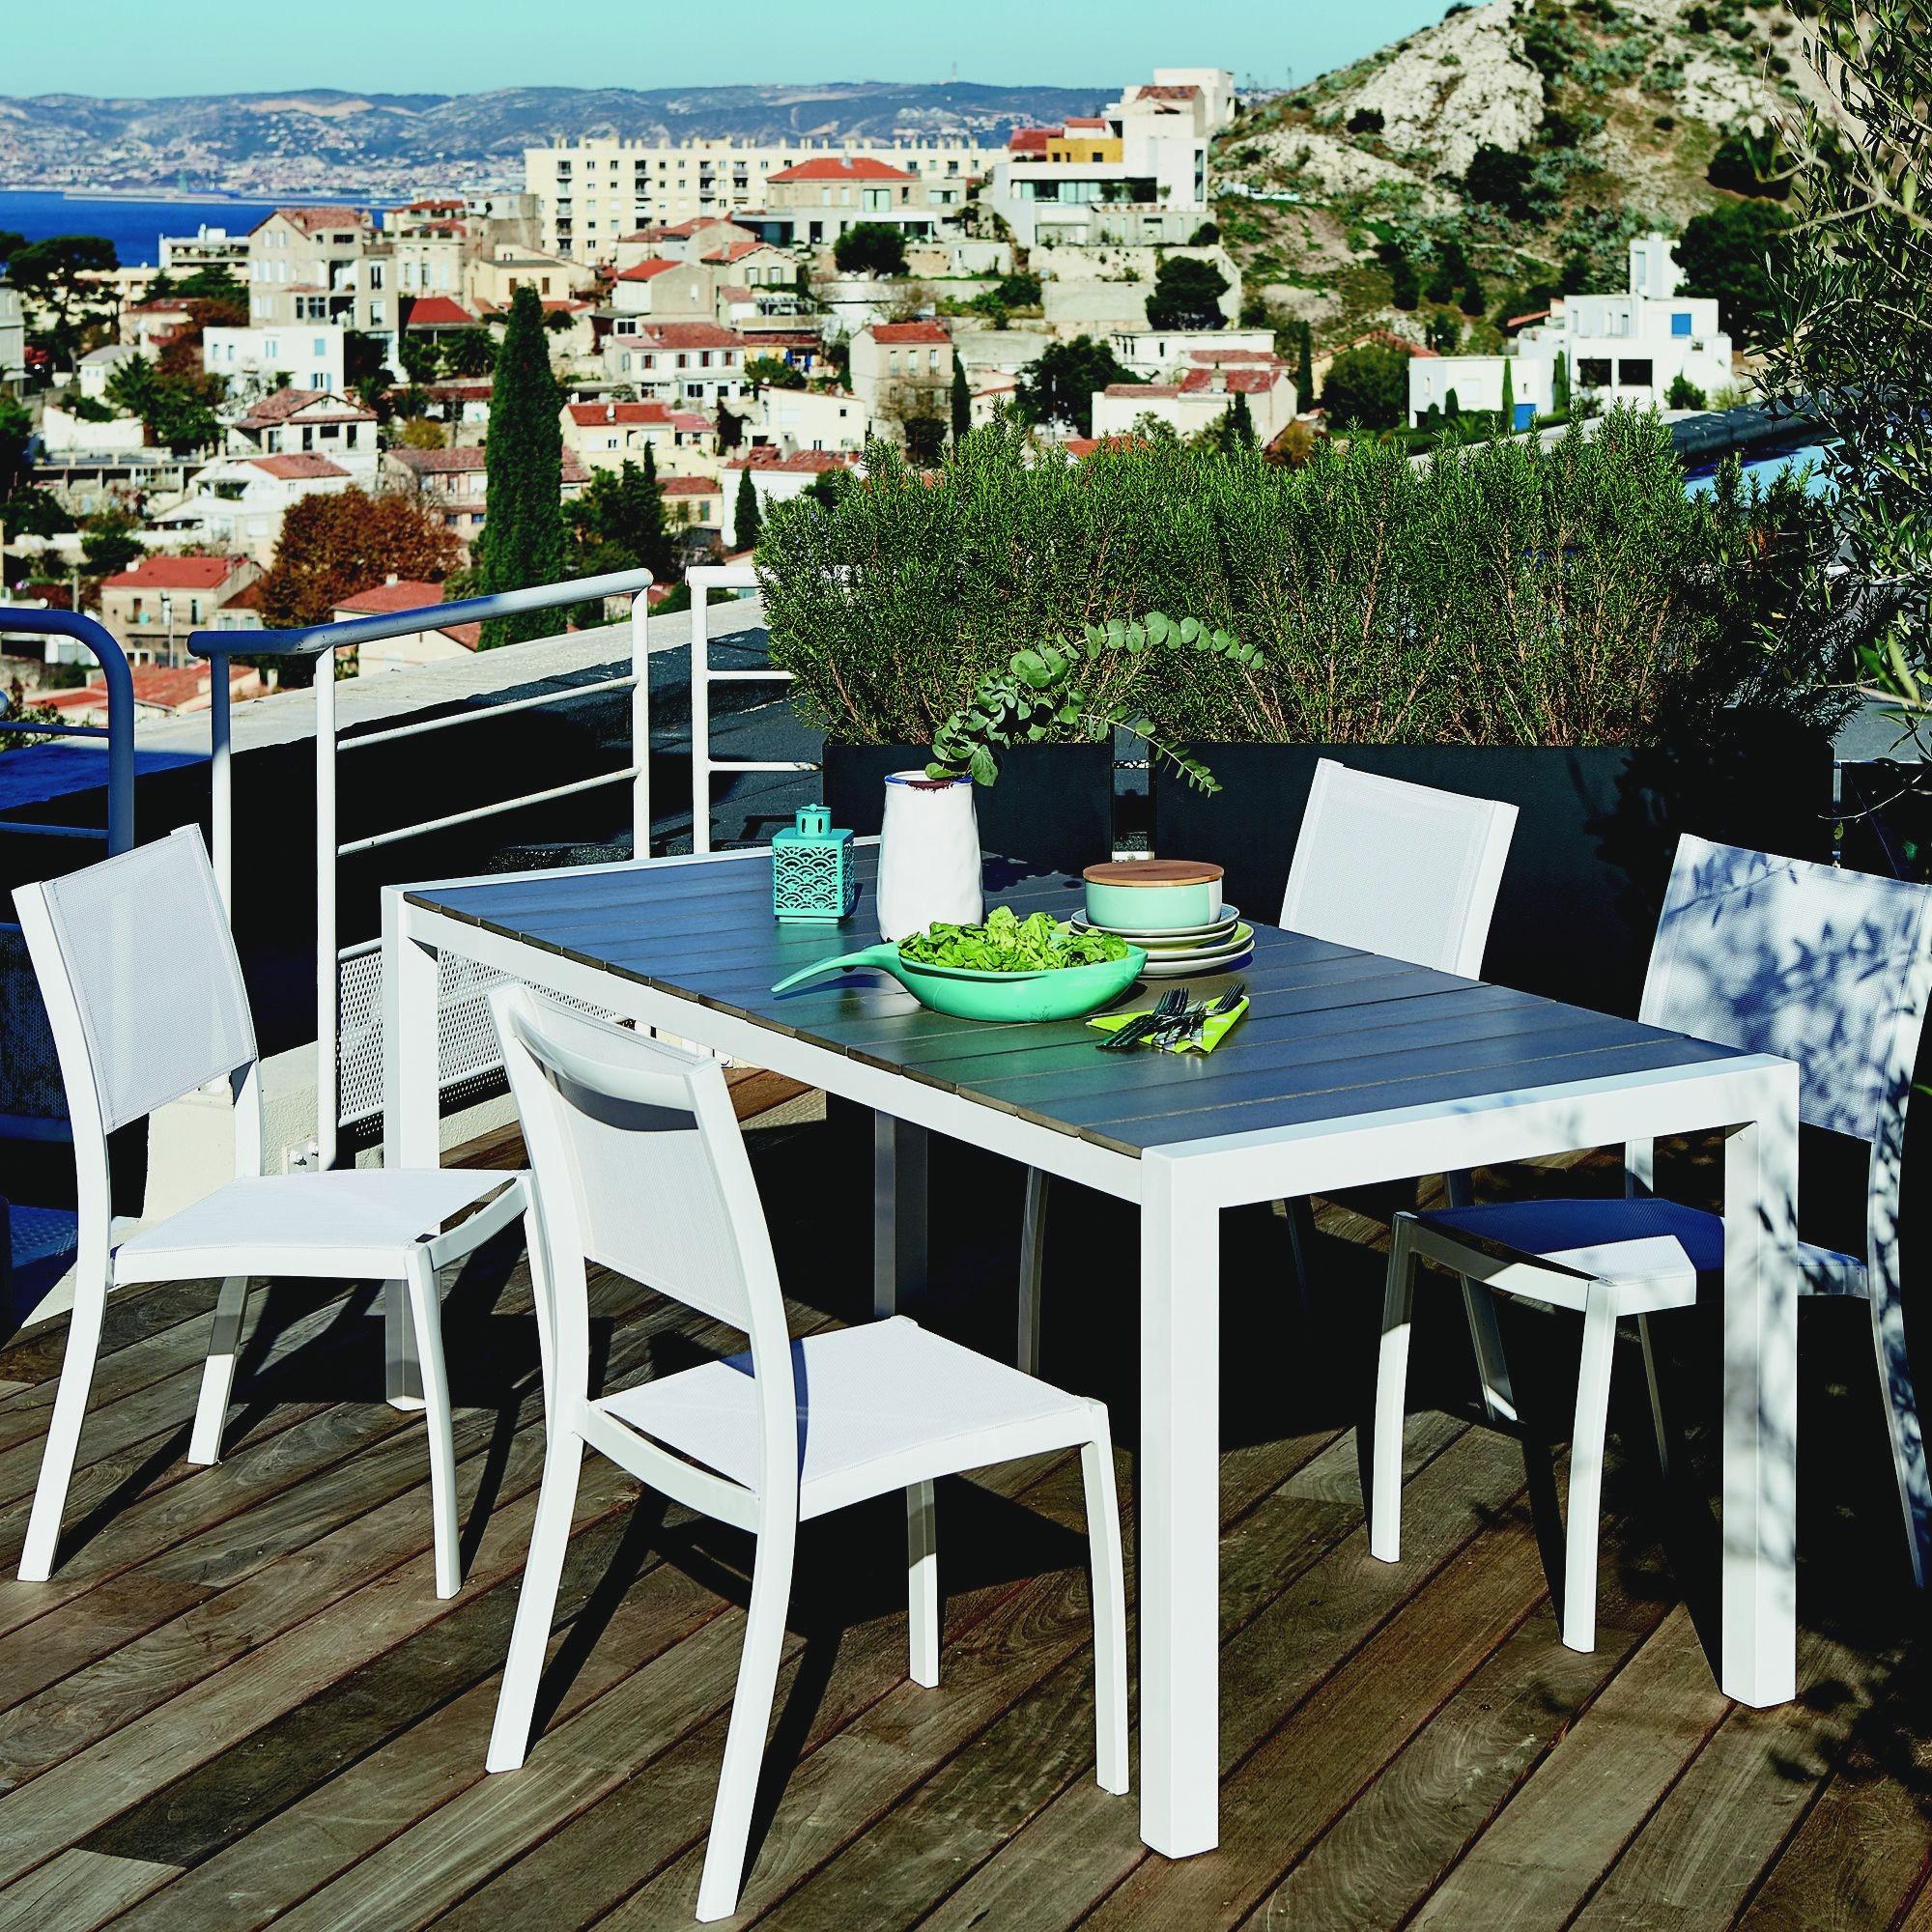 Table De Jardin Intermarché Exotique 31 Frais Idee Deco destiné Intermarché Table De Jardin